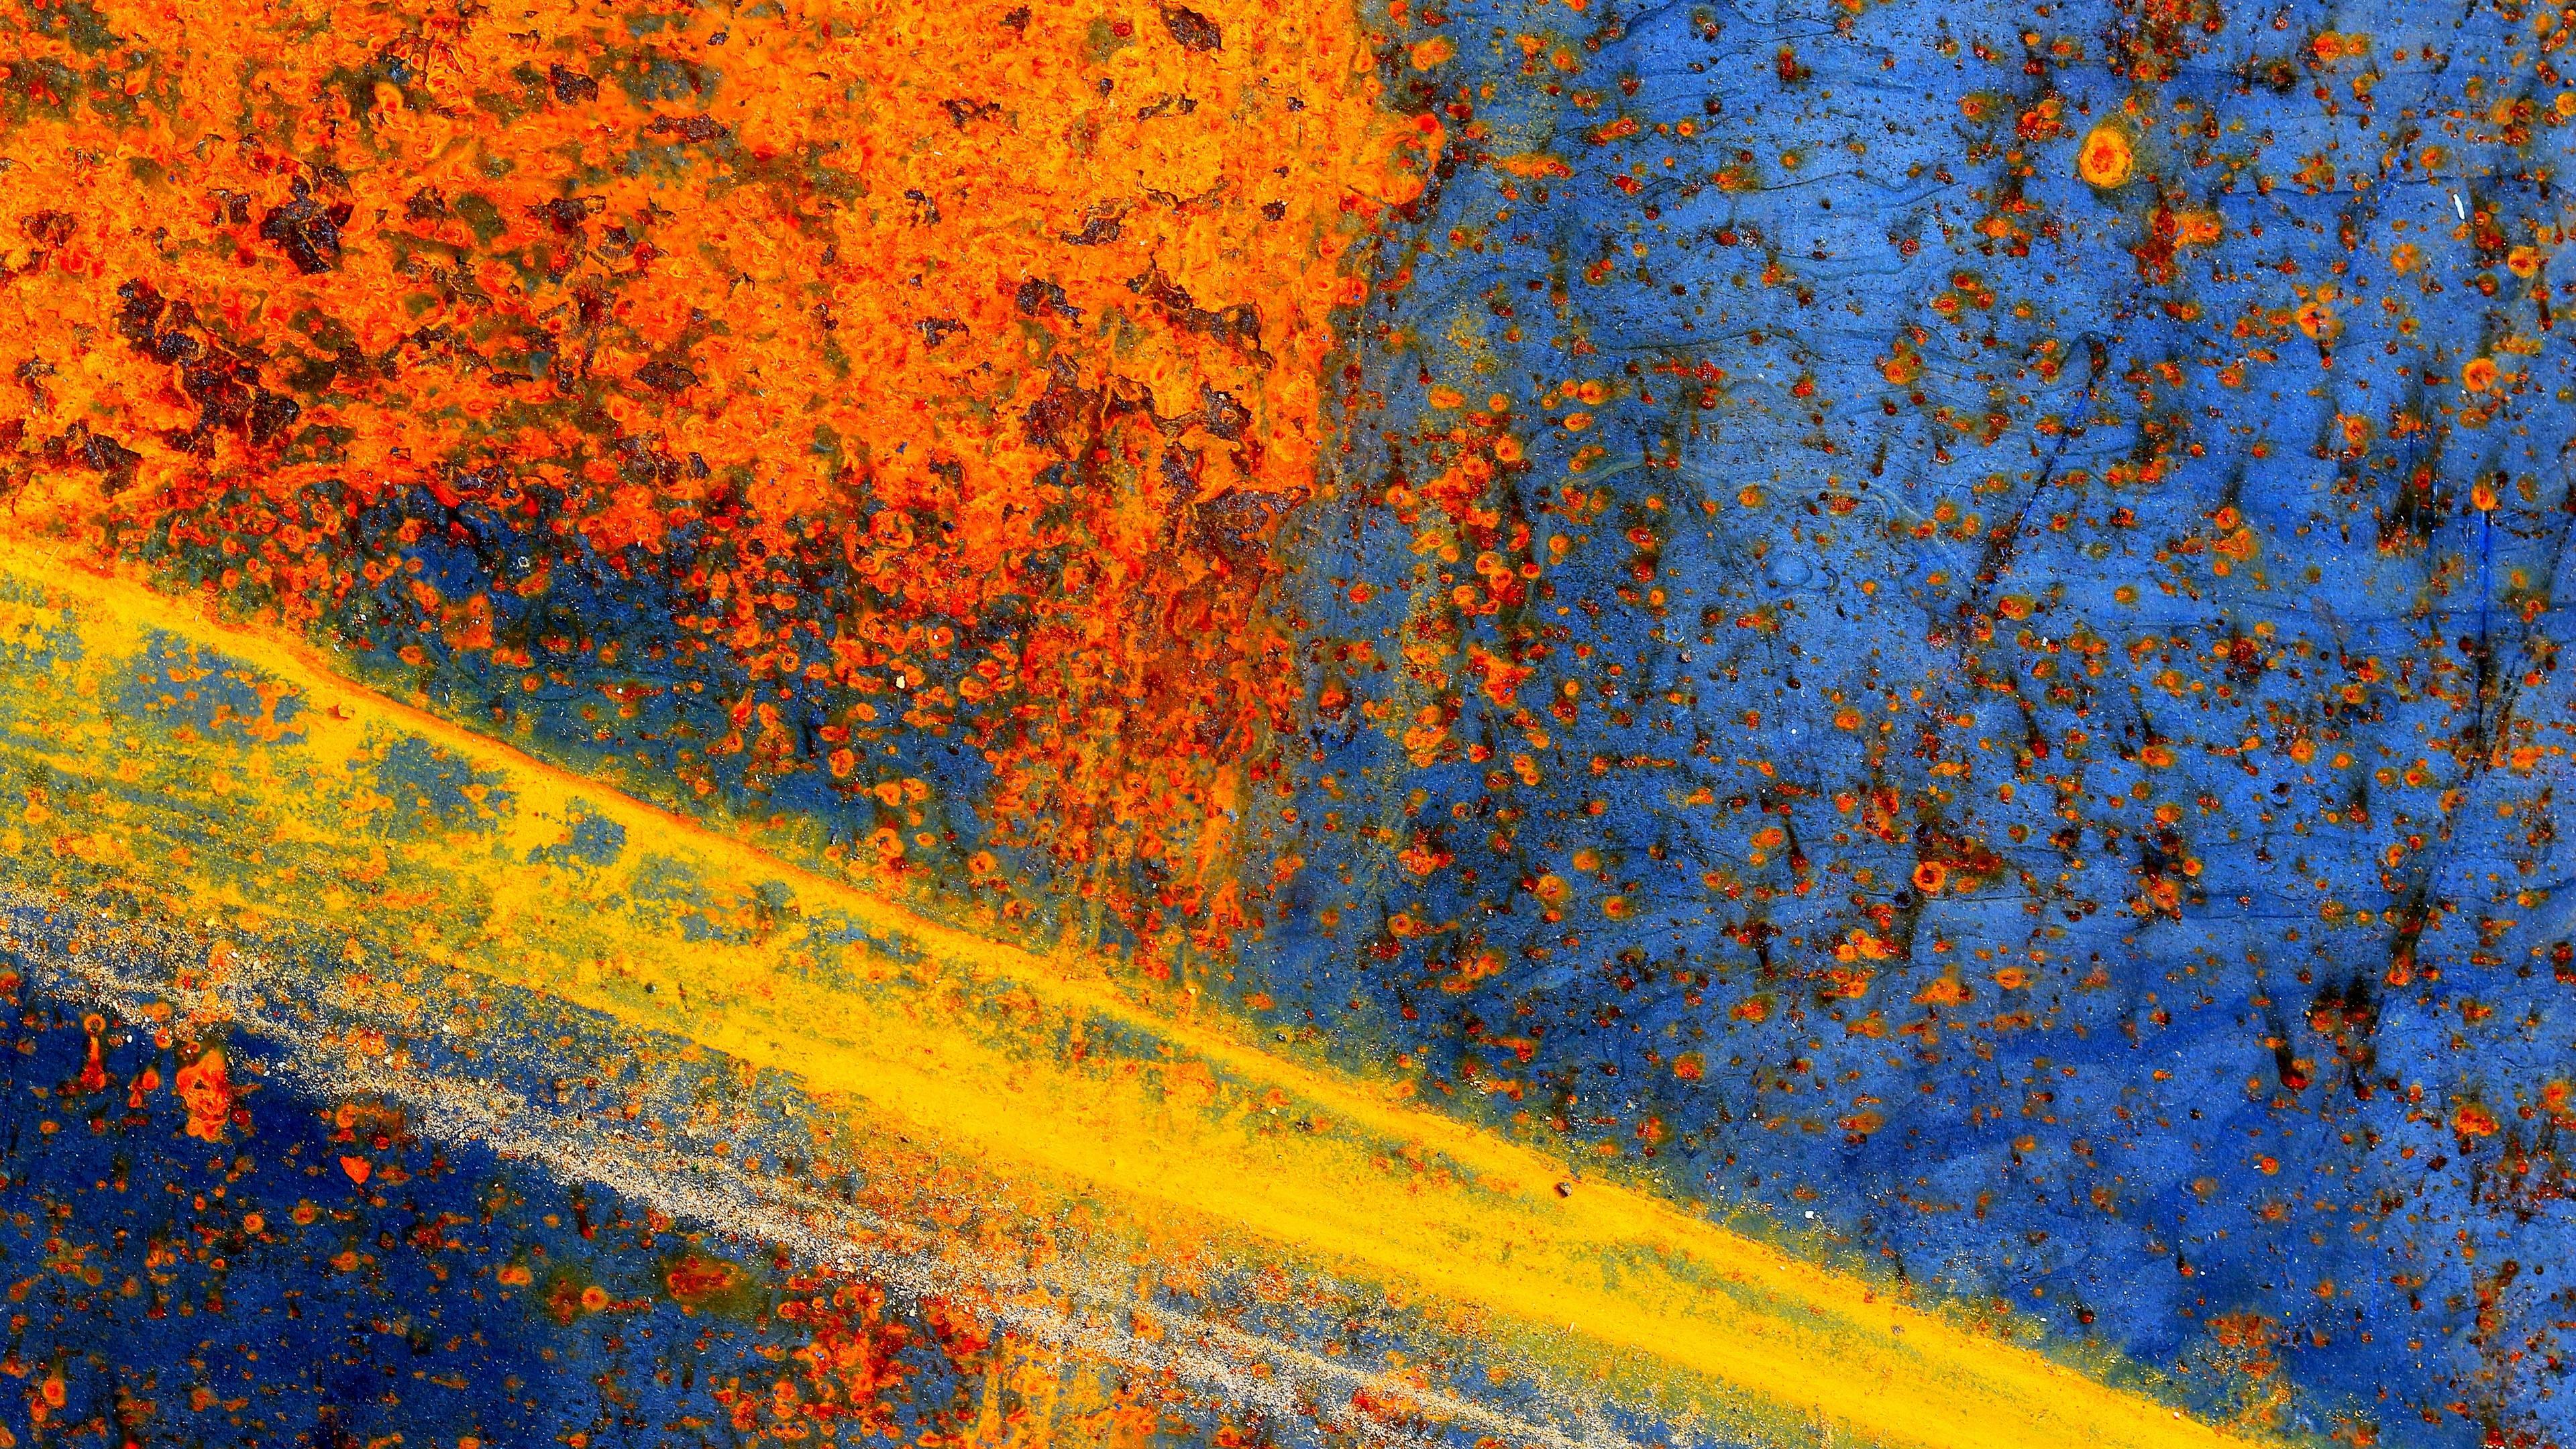 обои краски, синий, оранжевый, желтый картинки фото